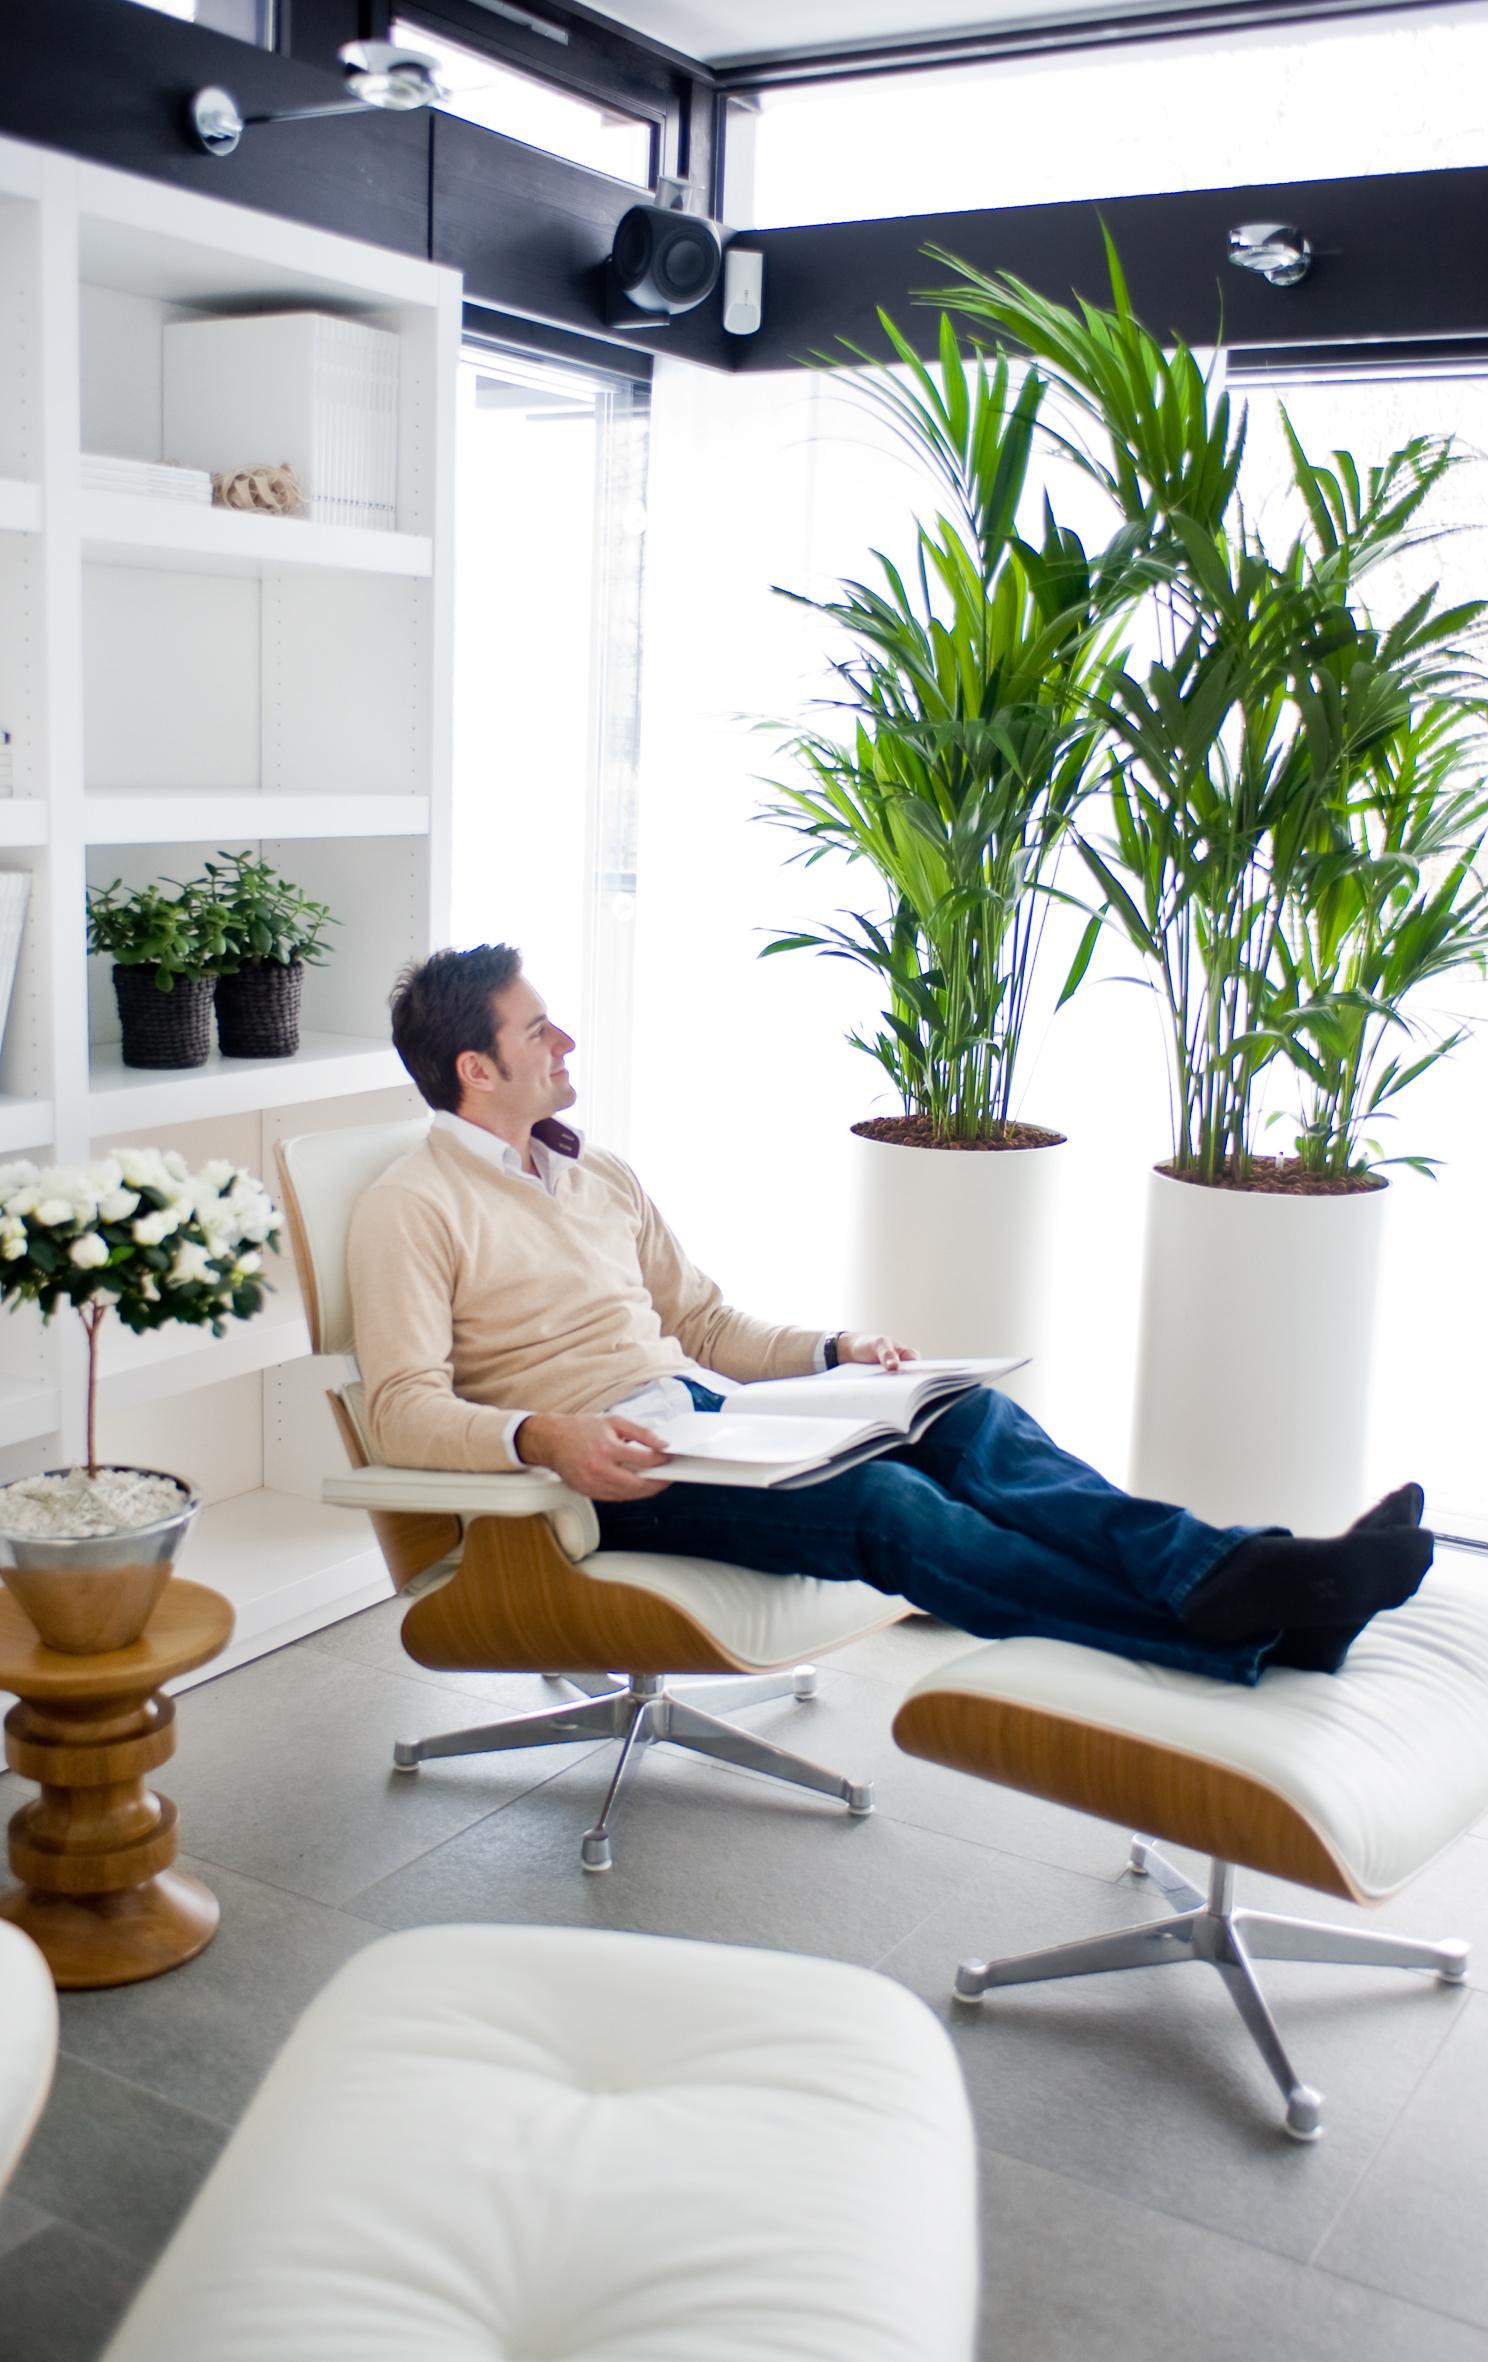 pflanzen ohne erde hydrokultur macht das leben einfacher das gr ne medienhaus. Black Bedroom Furniture Sets. Home Design Ideas